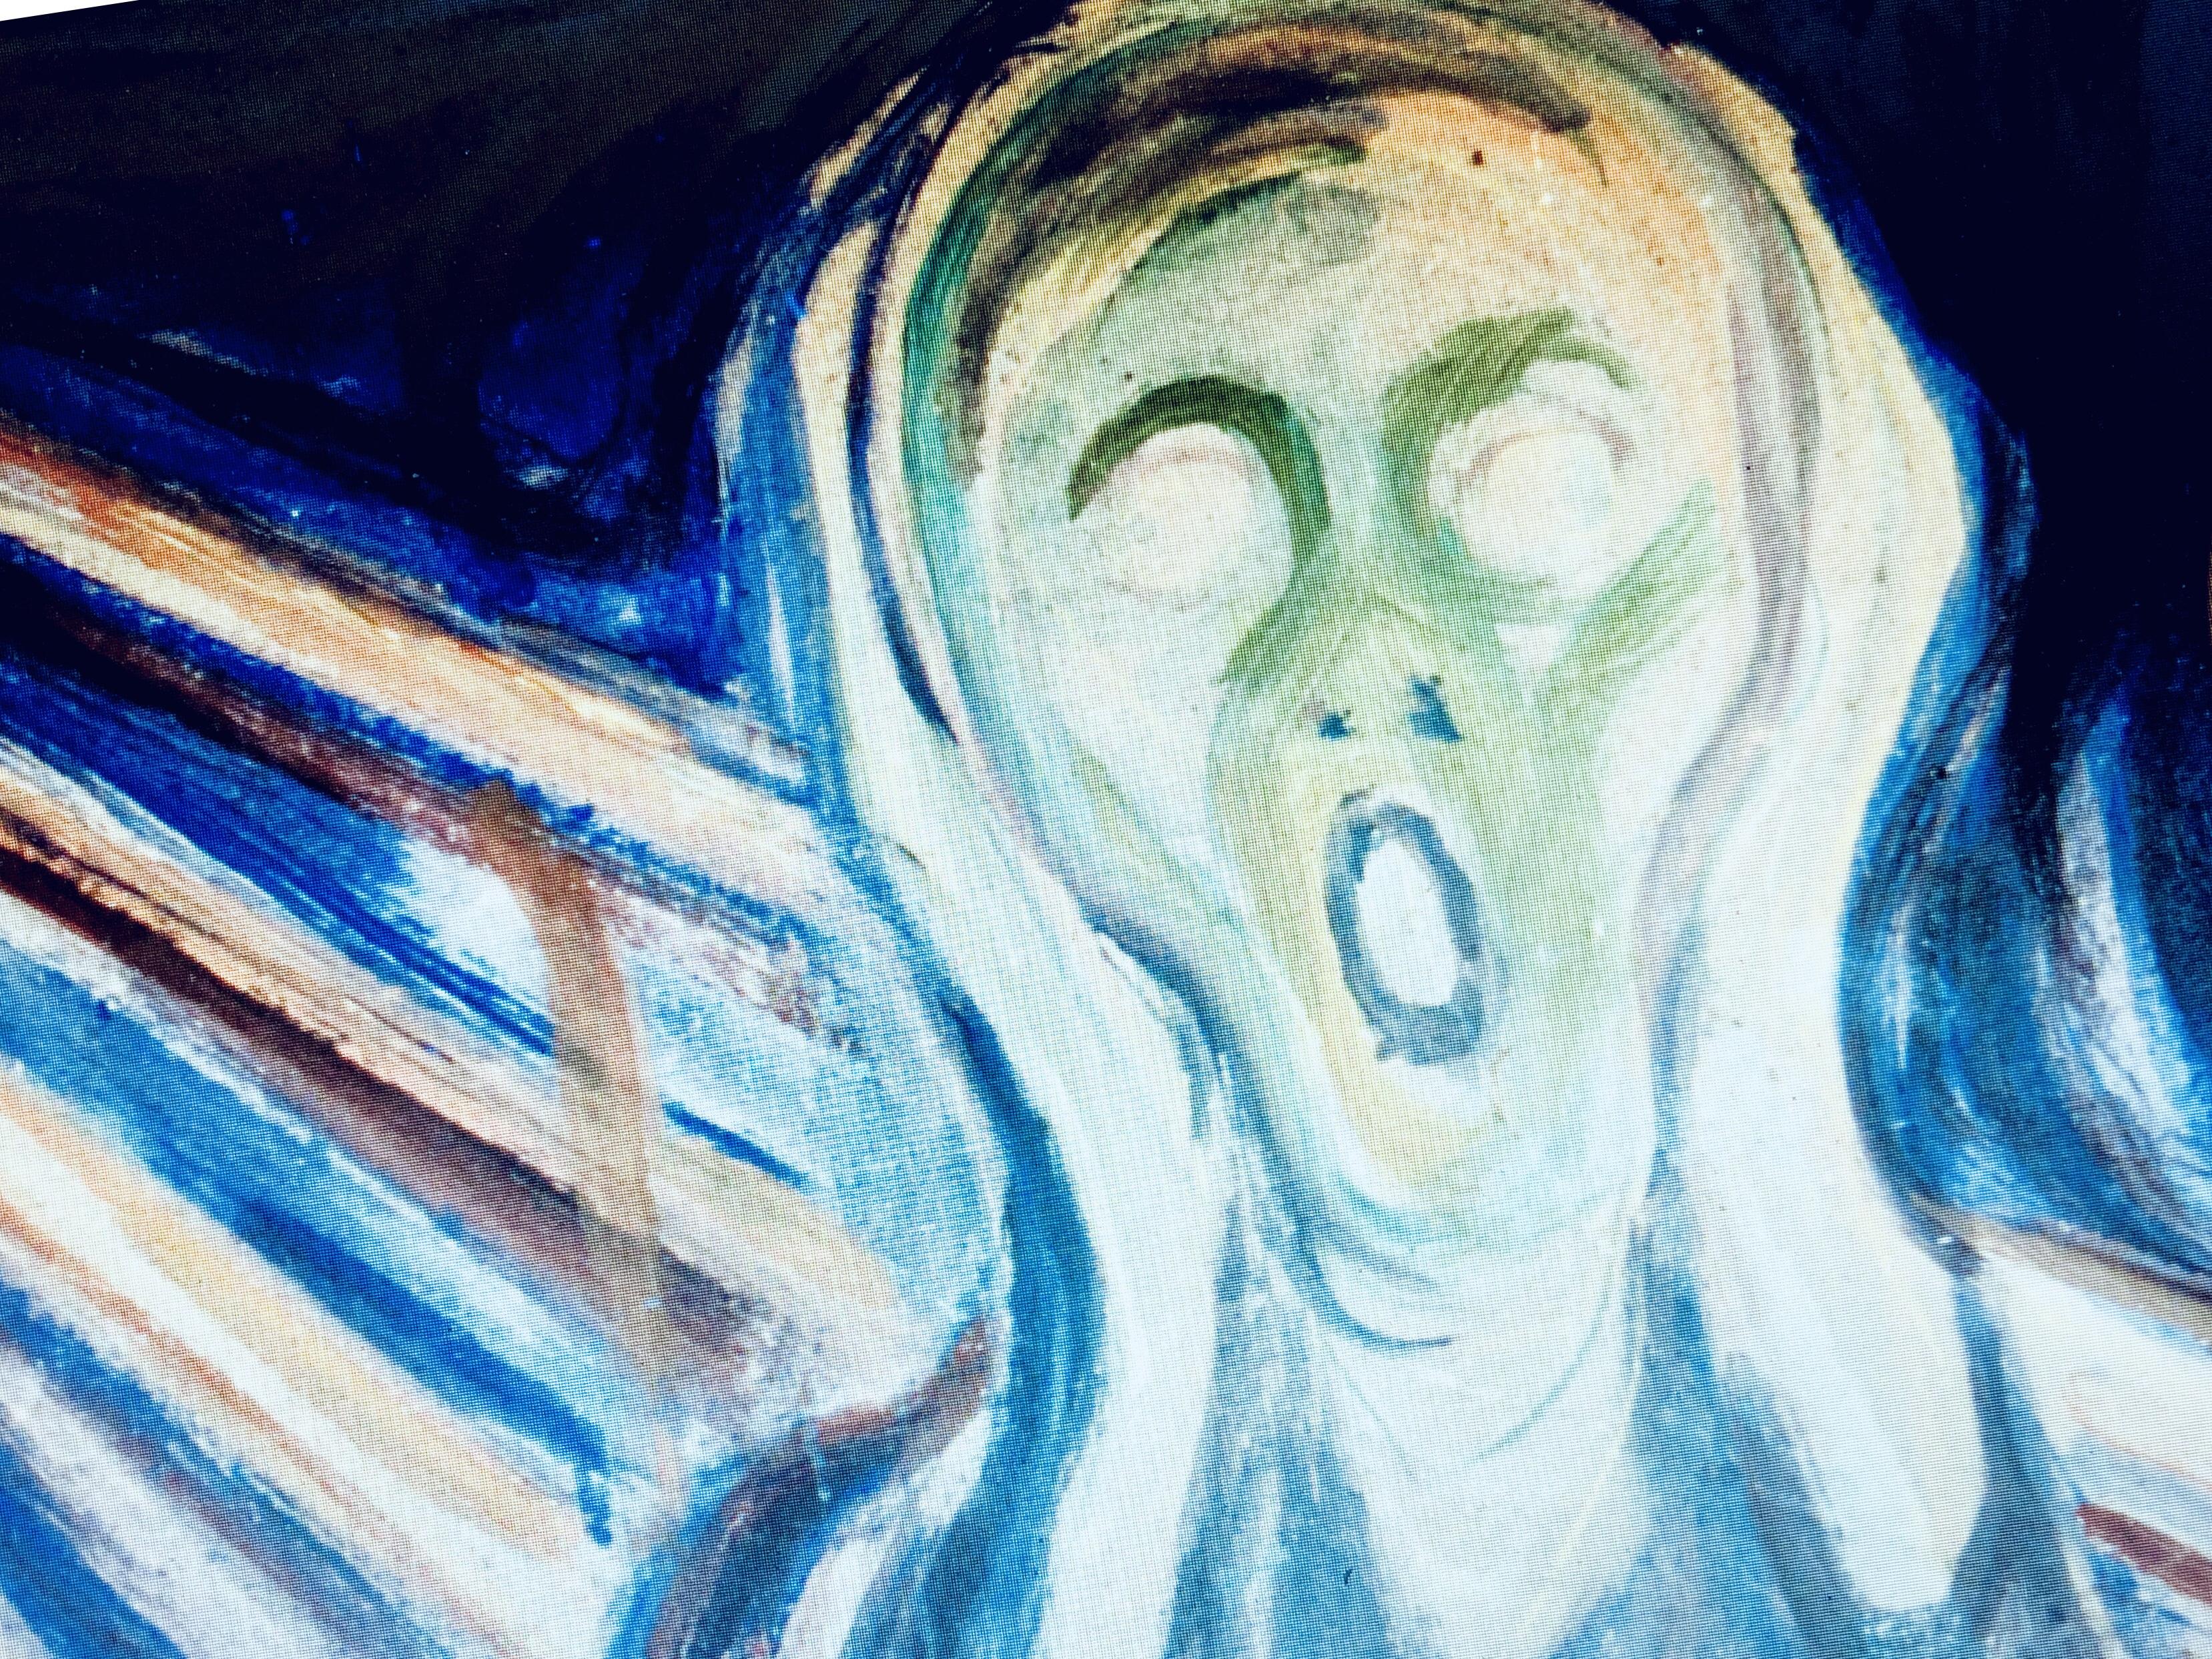 Abbildung zum Beitrag über Munchs Schrei hören